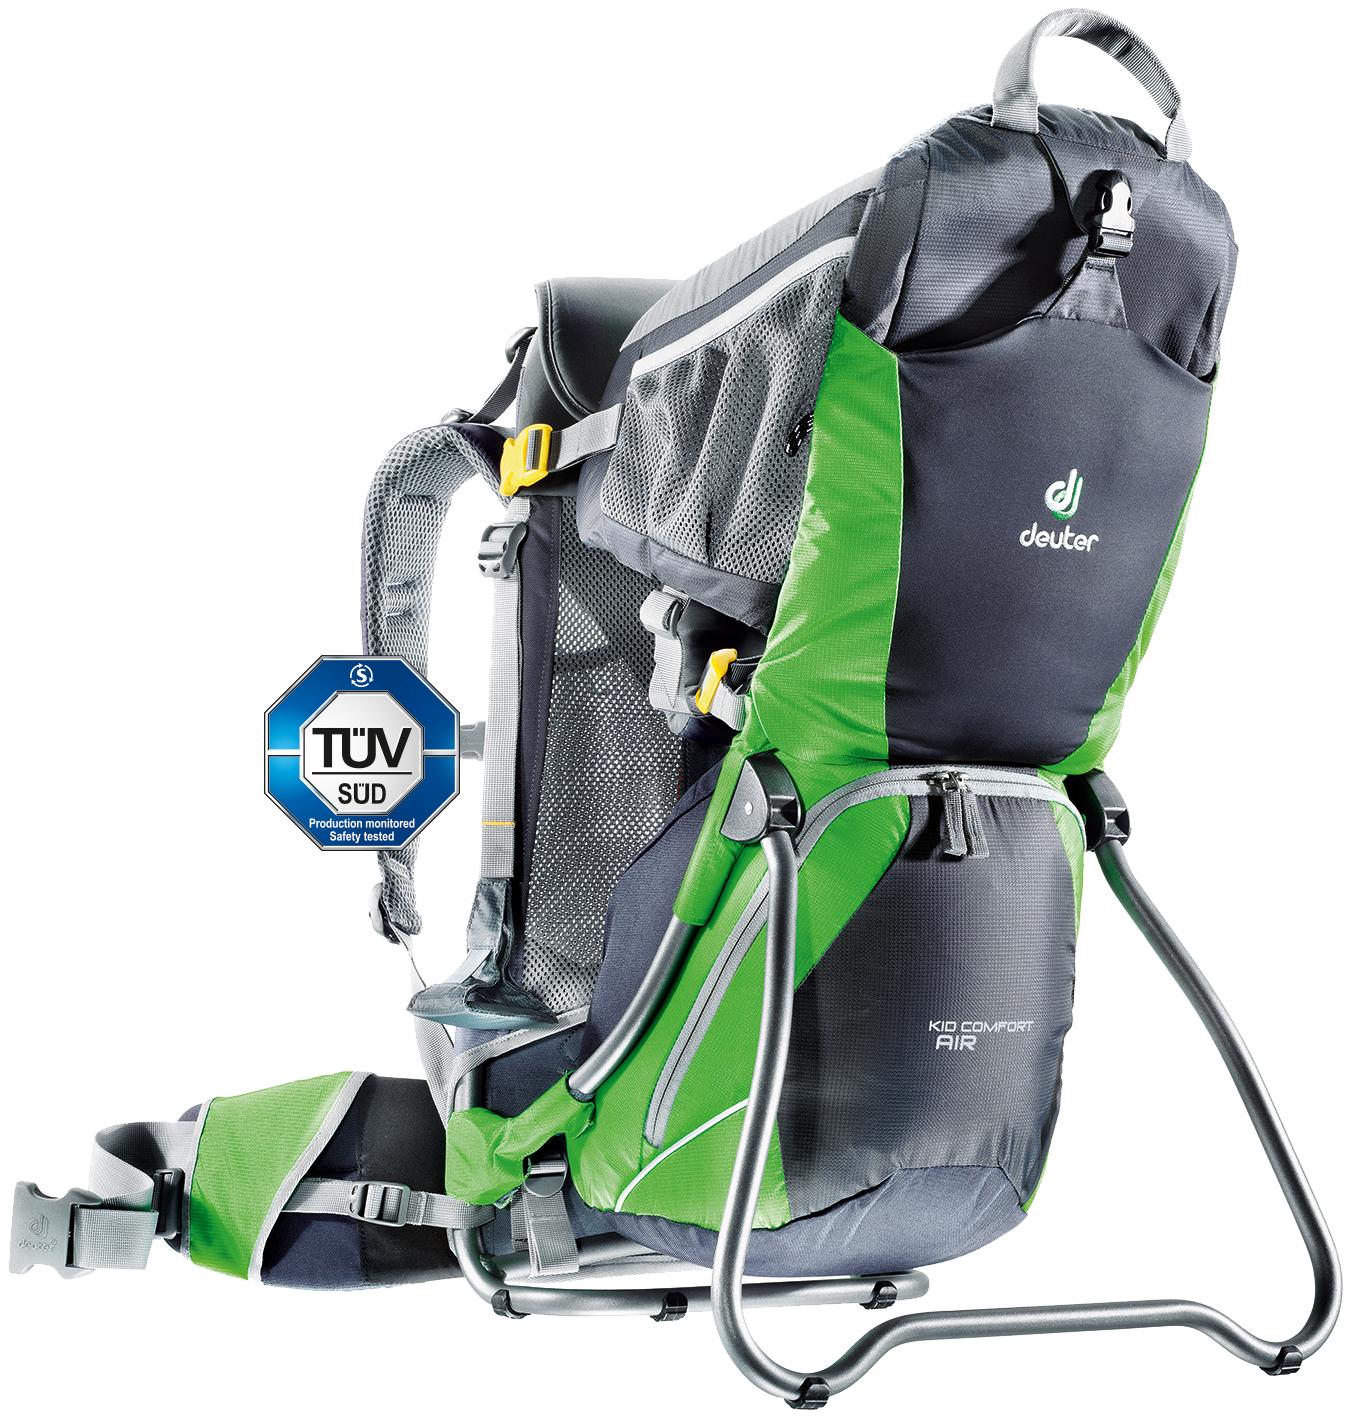 fa5b7ef83d Deuter Kid Comfort Air Child Carrier Backpack - Infants | MEC